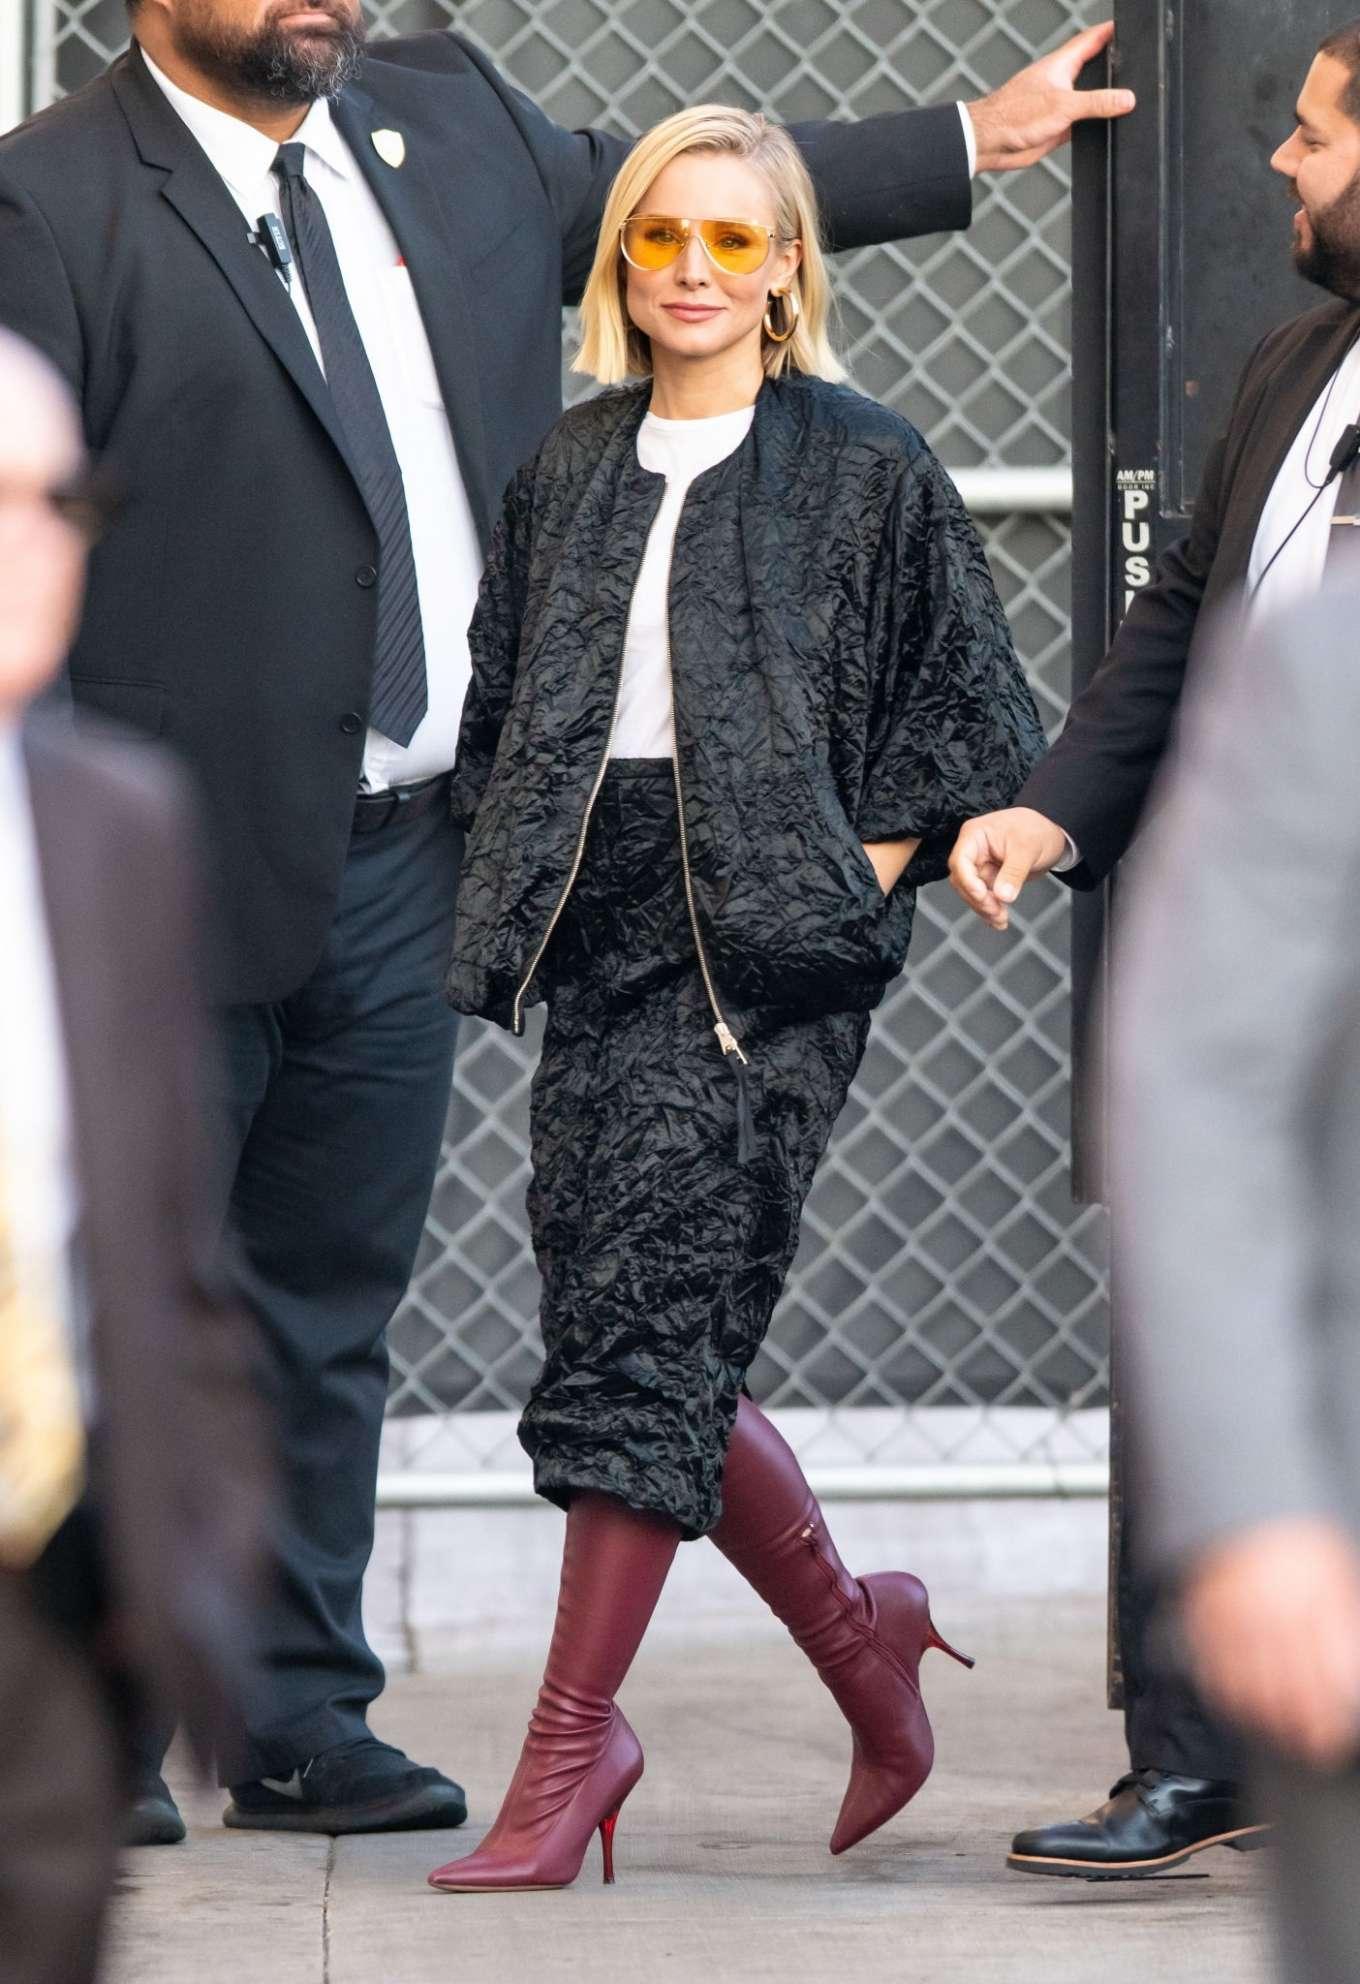 Kristen Bell 2019 : Kristen Bell – Arriving for Jimmy Kimmel in Los Angeles-06